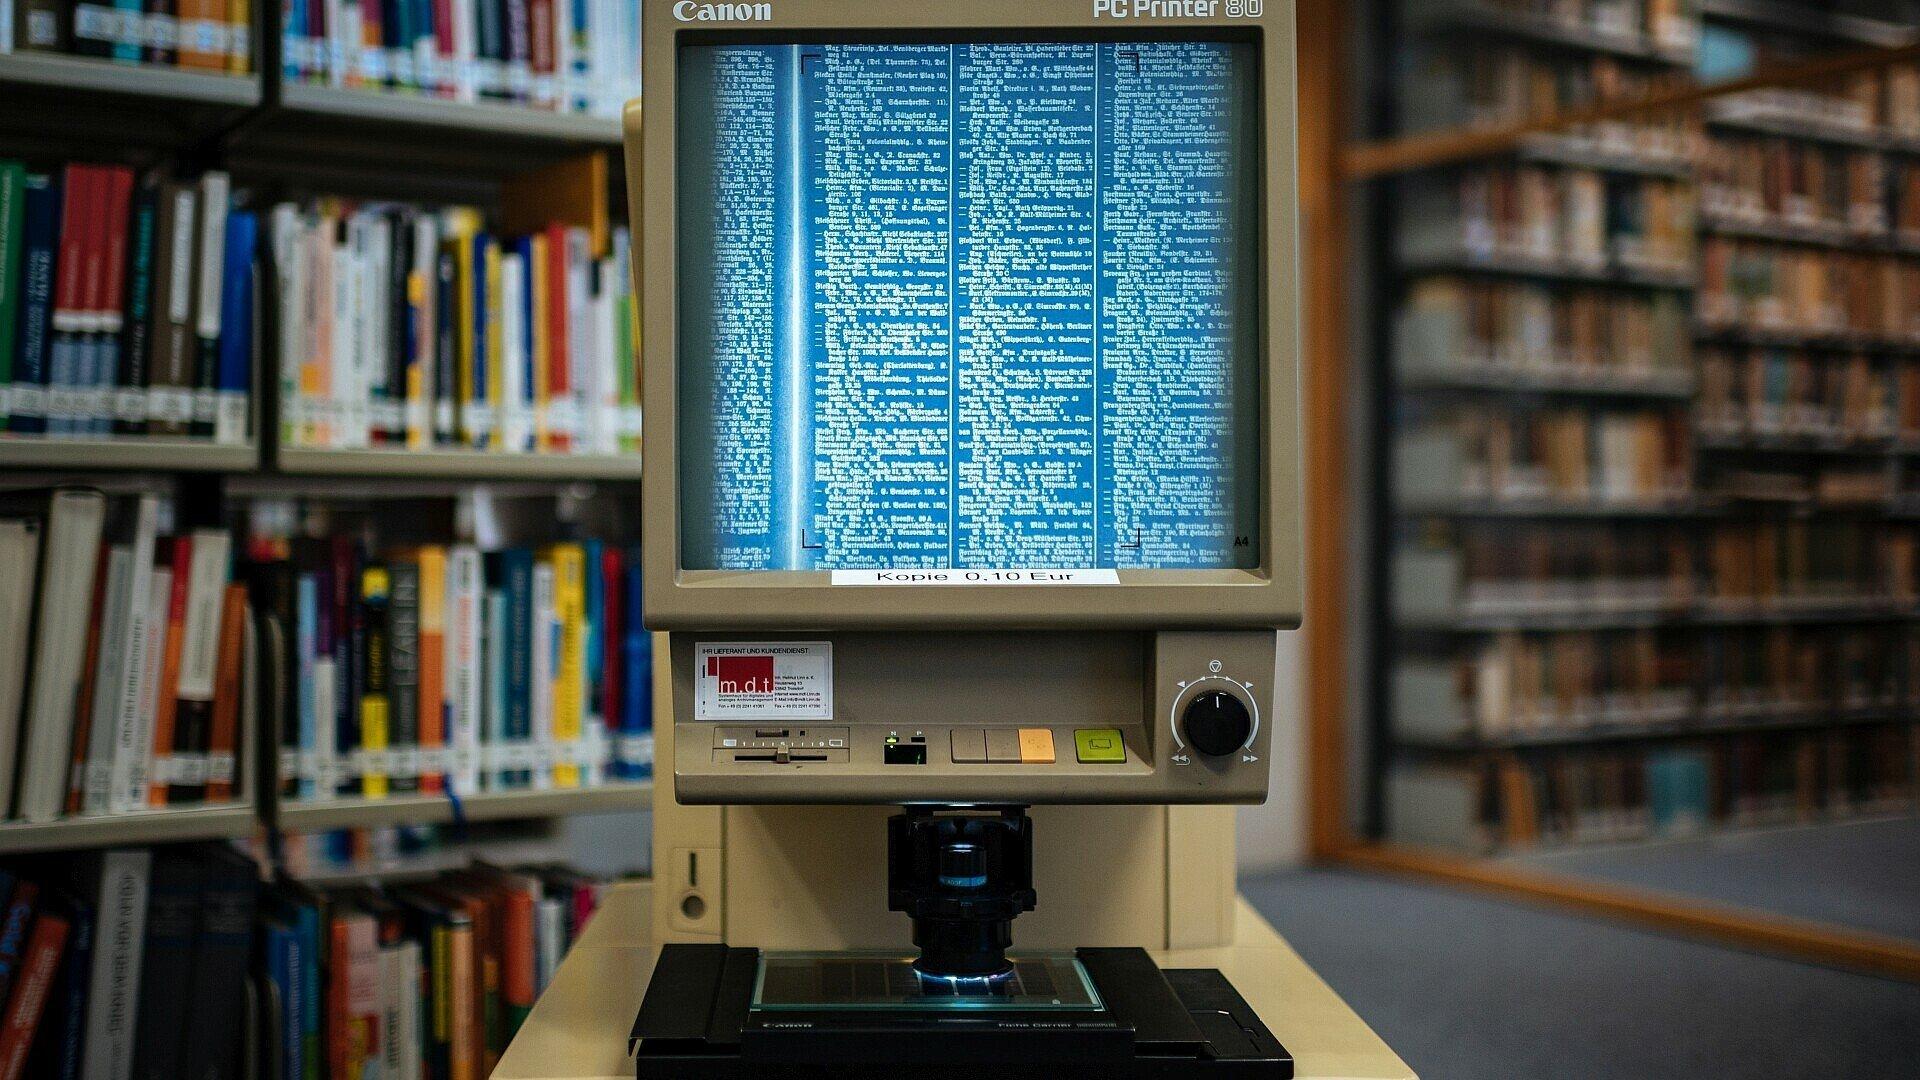 Dumont erfasst analoge Daten von Mikrofiches für digitale Listen